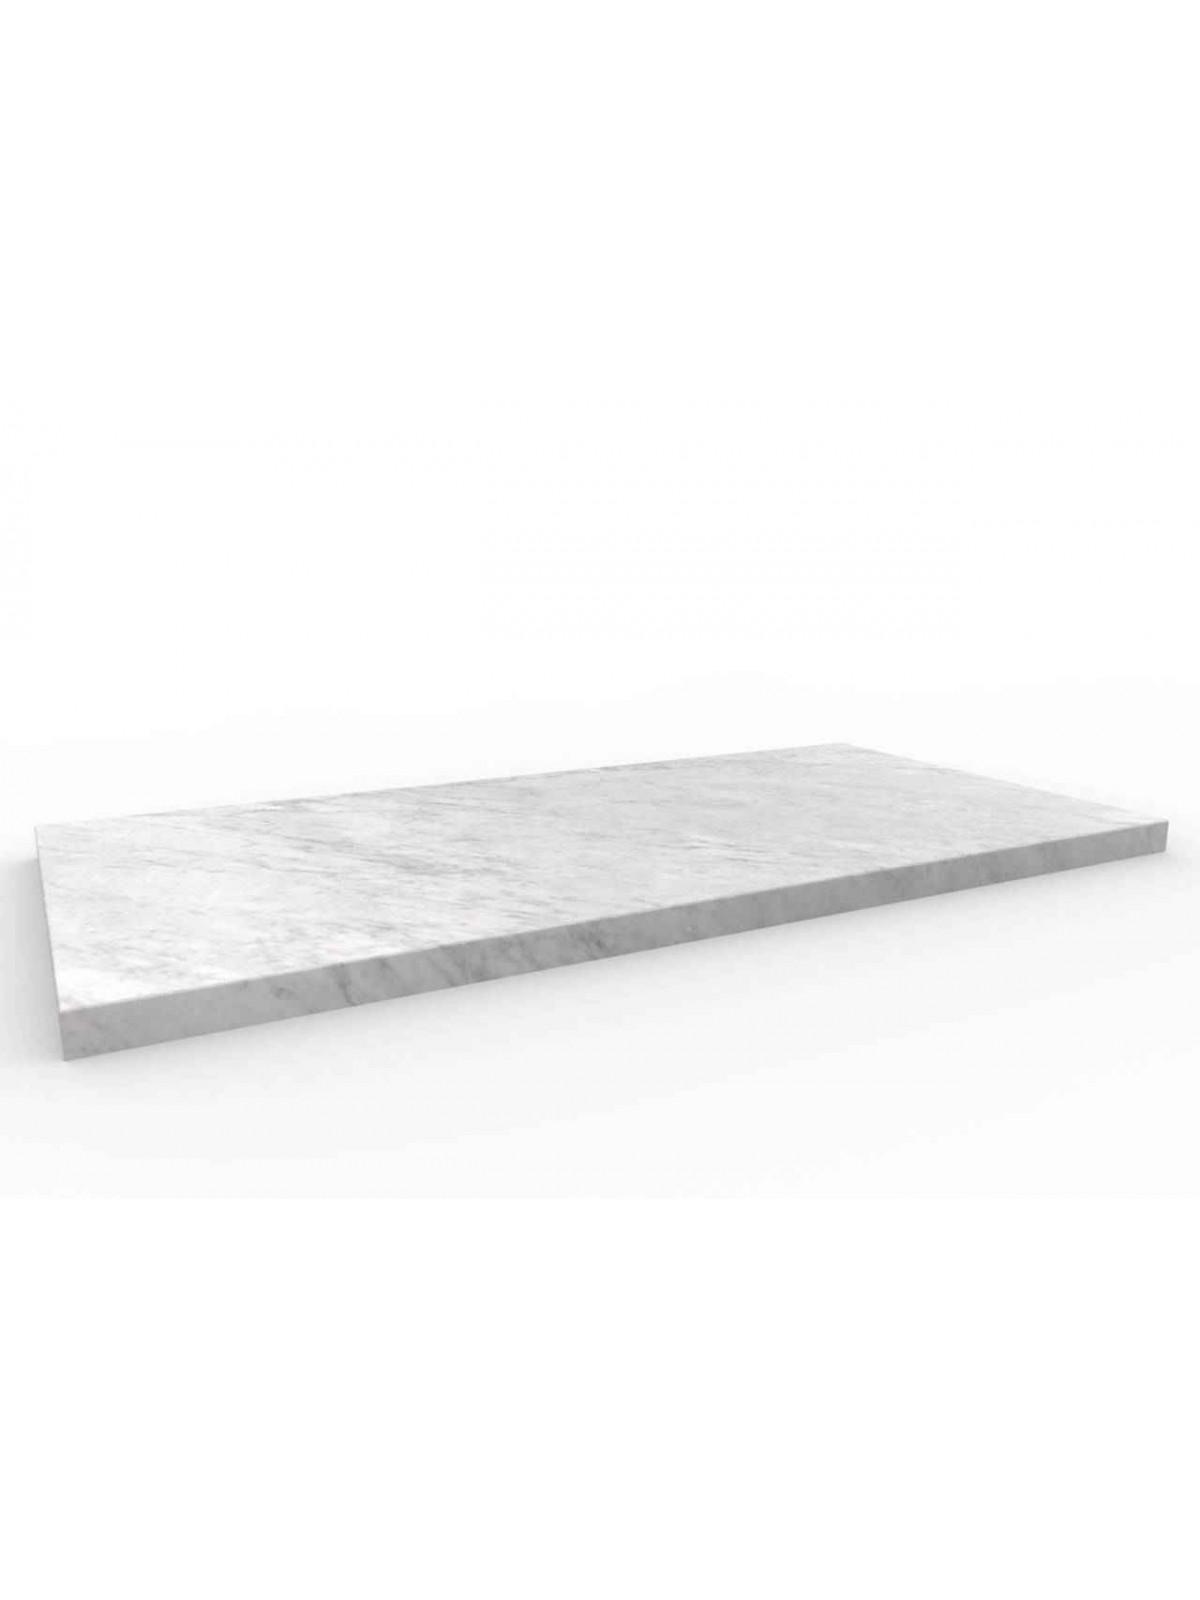 Etage 60x30 in Carrara Weiß